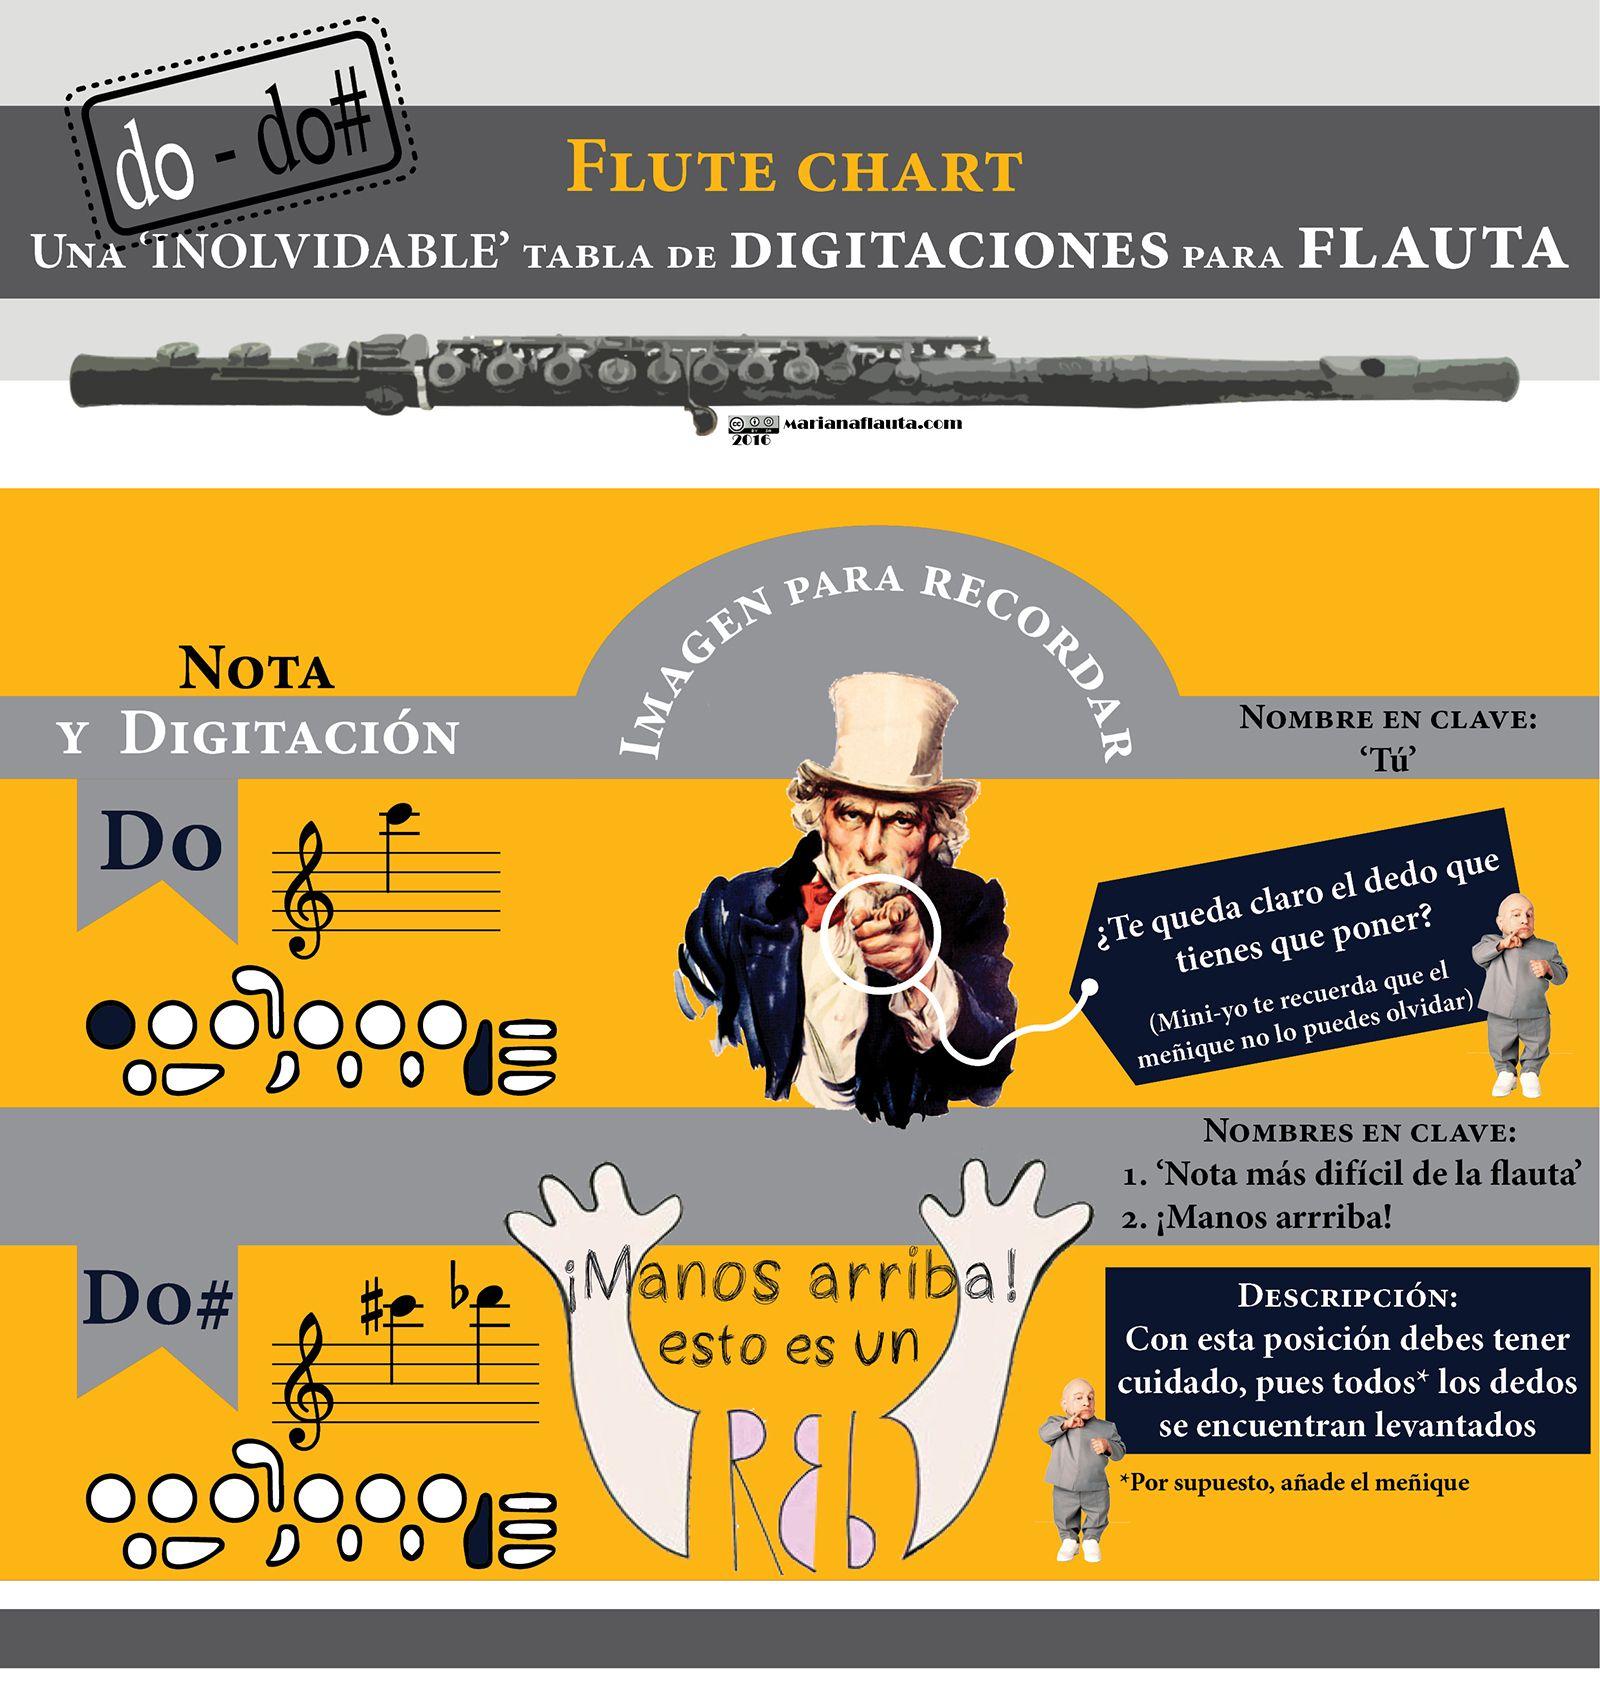 FLUTE CHART. Tabla especial de digitaciones para flauta travesera. #MusicBlog #flute #do #do# www.marianaflauta.com